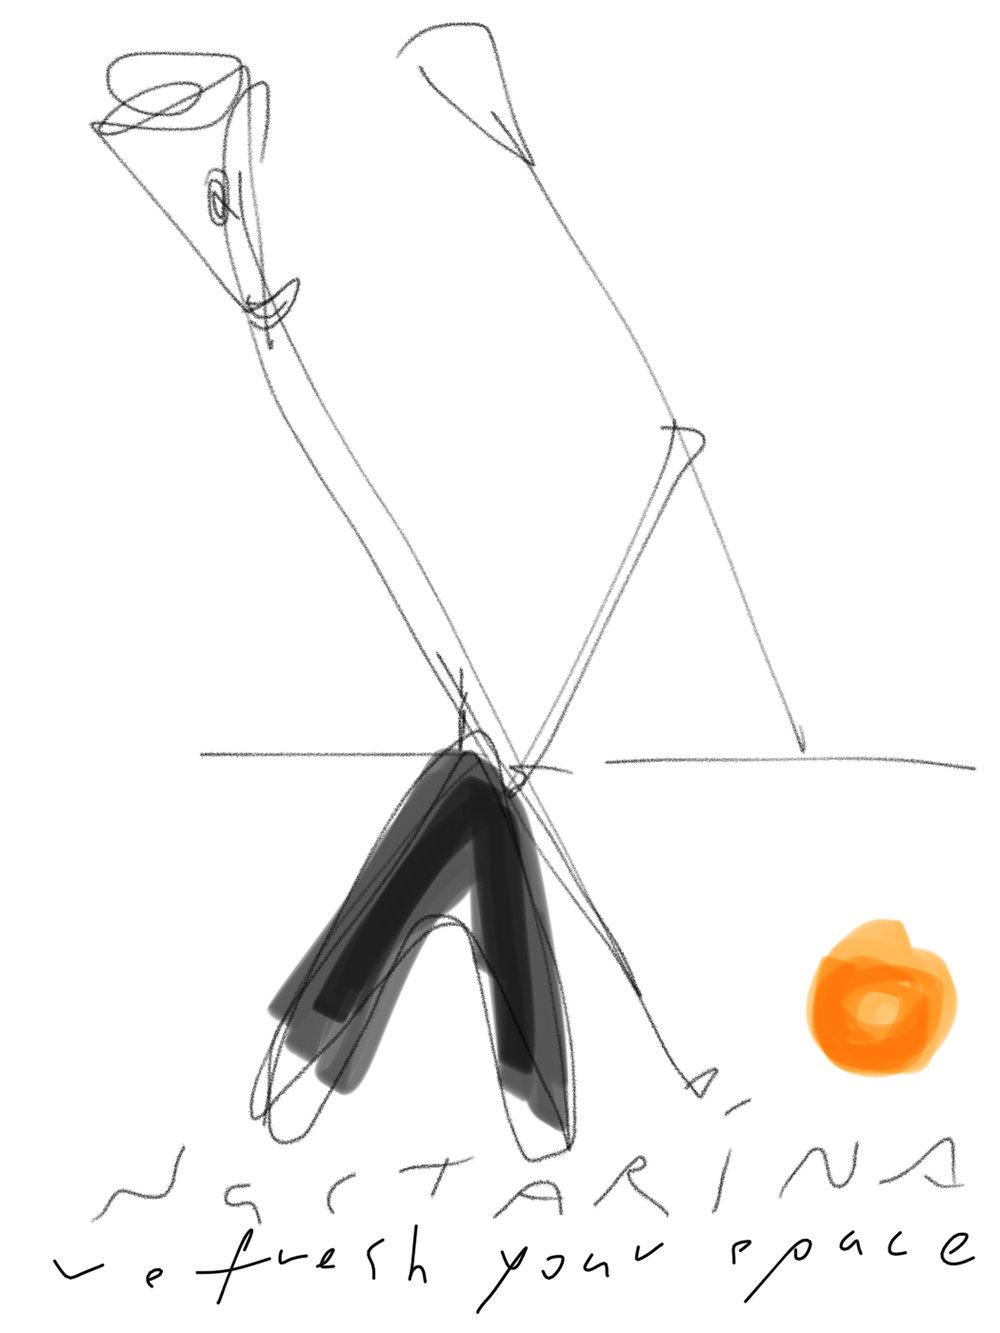 Sketch-501.jpg